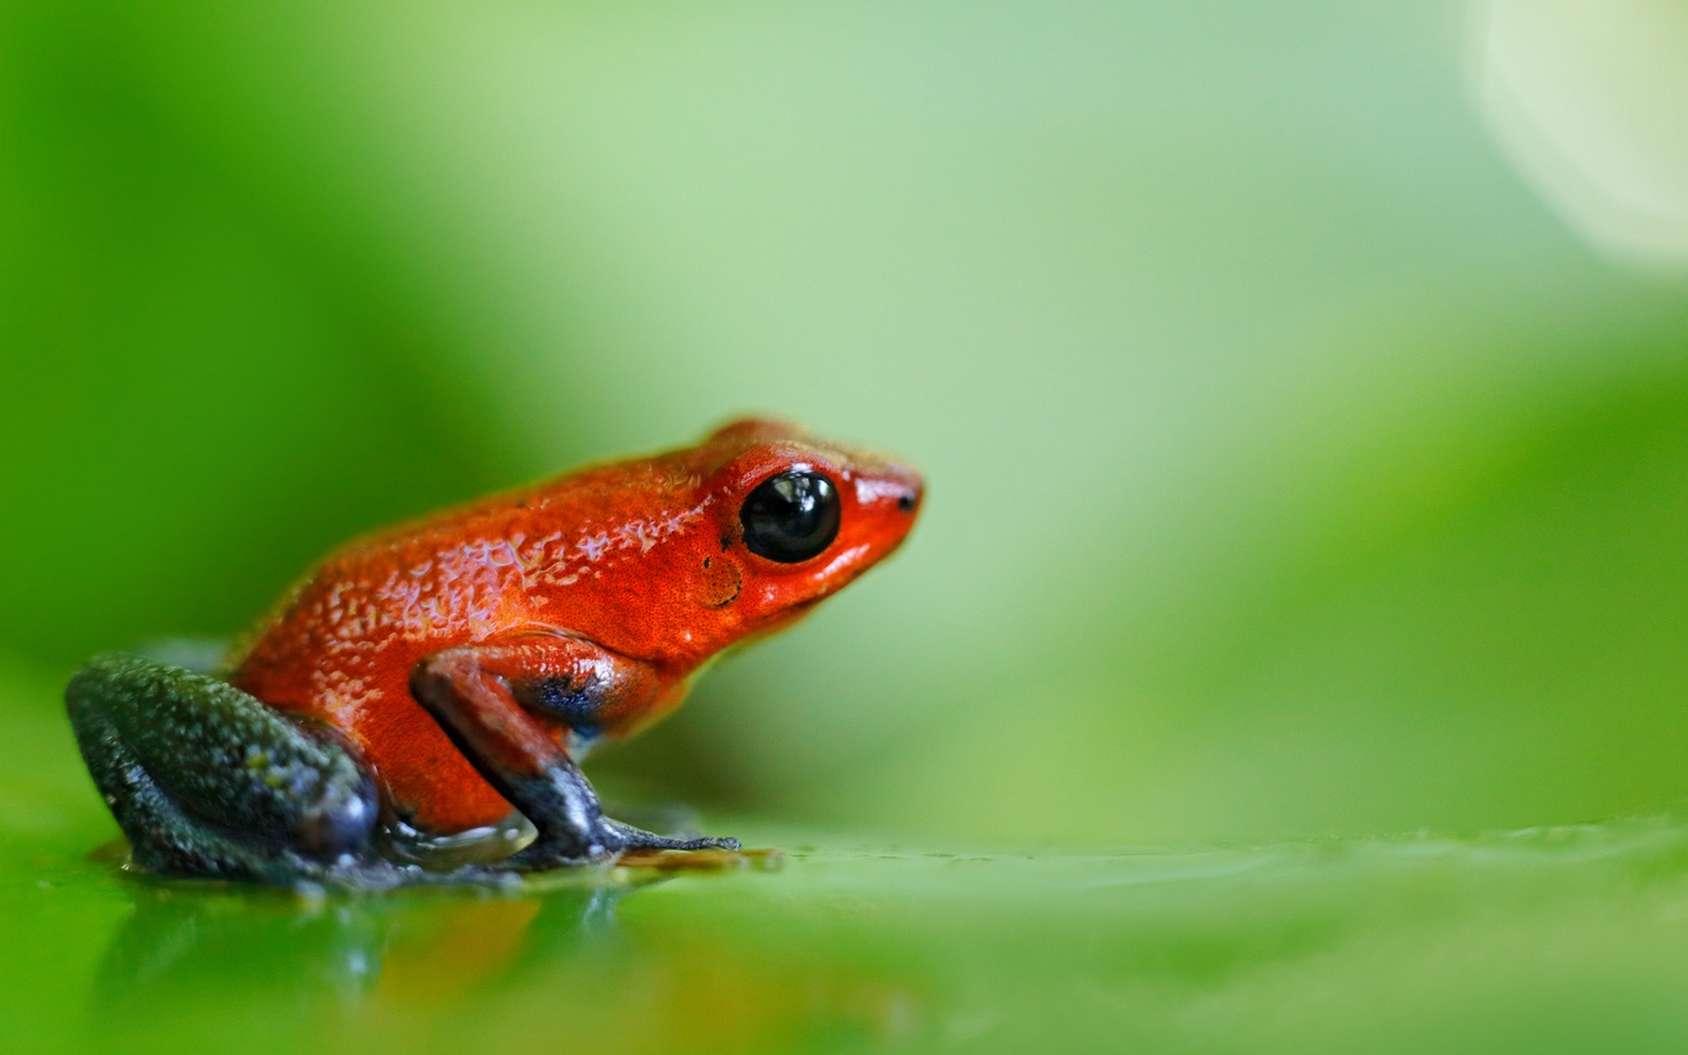 Genouille des fraises, Dendrobates pumilio, dans son milieu naturel au Costa Rica. © ondrejprosicky, fotolia